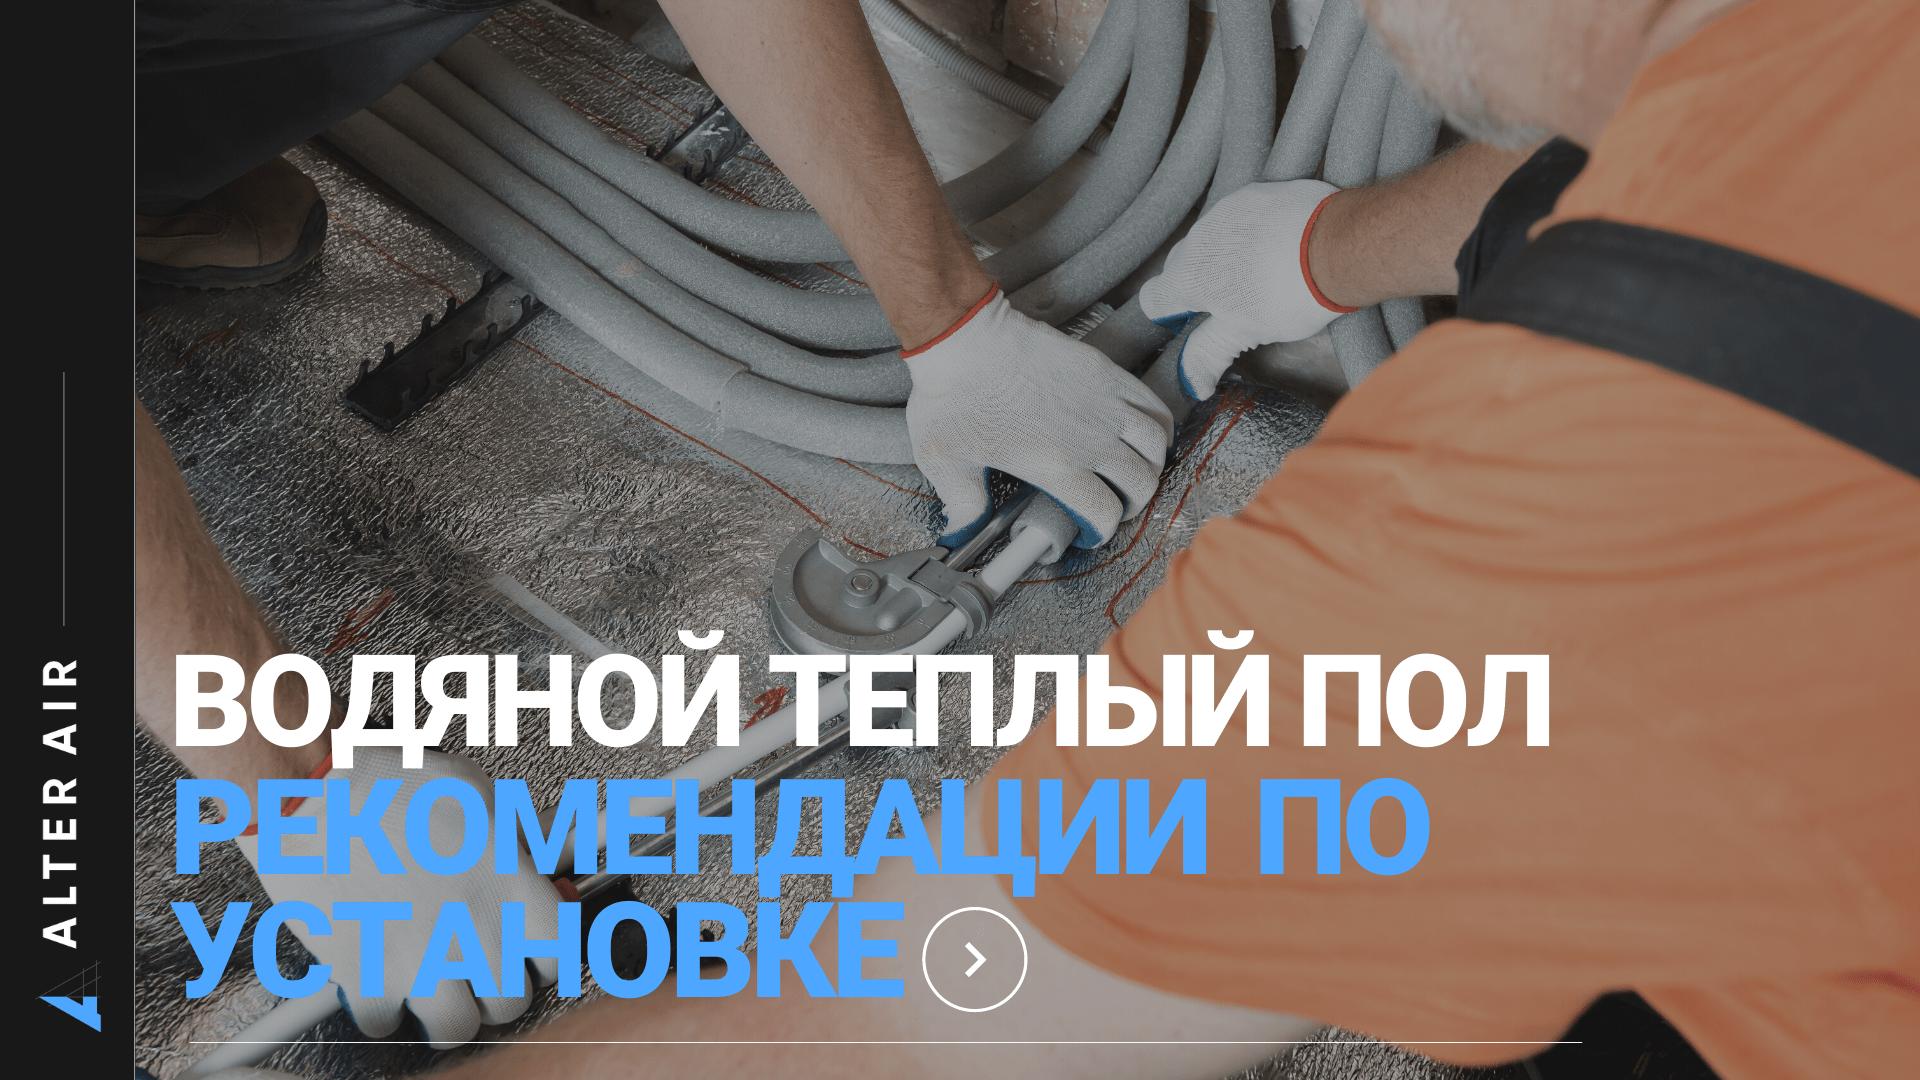 Особливості монтажу опалювальних систем: водяна тепла підлога.